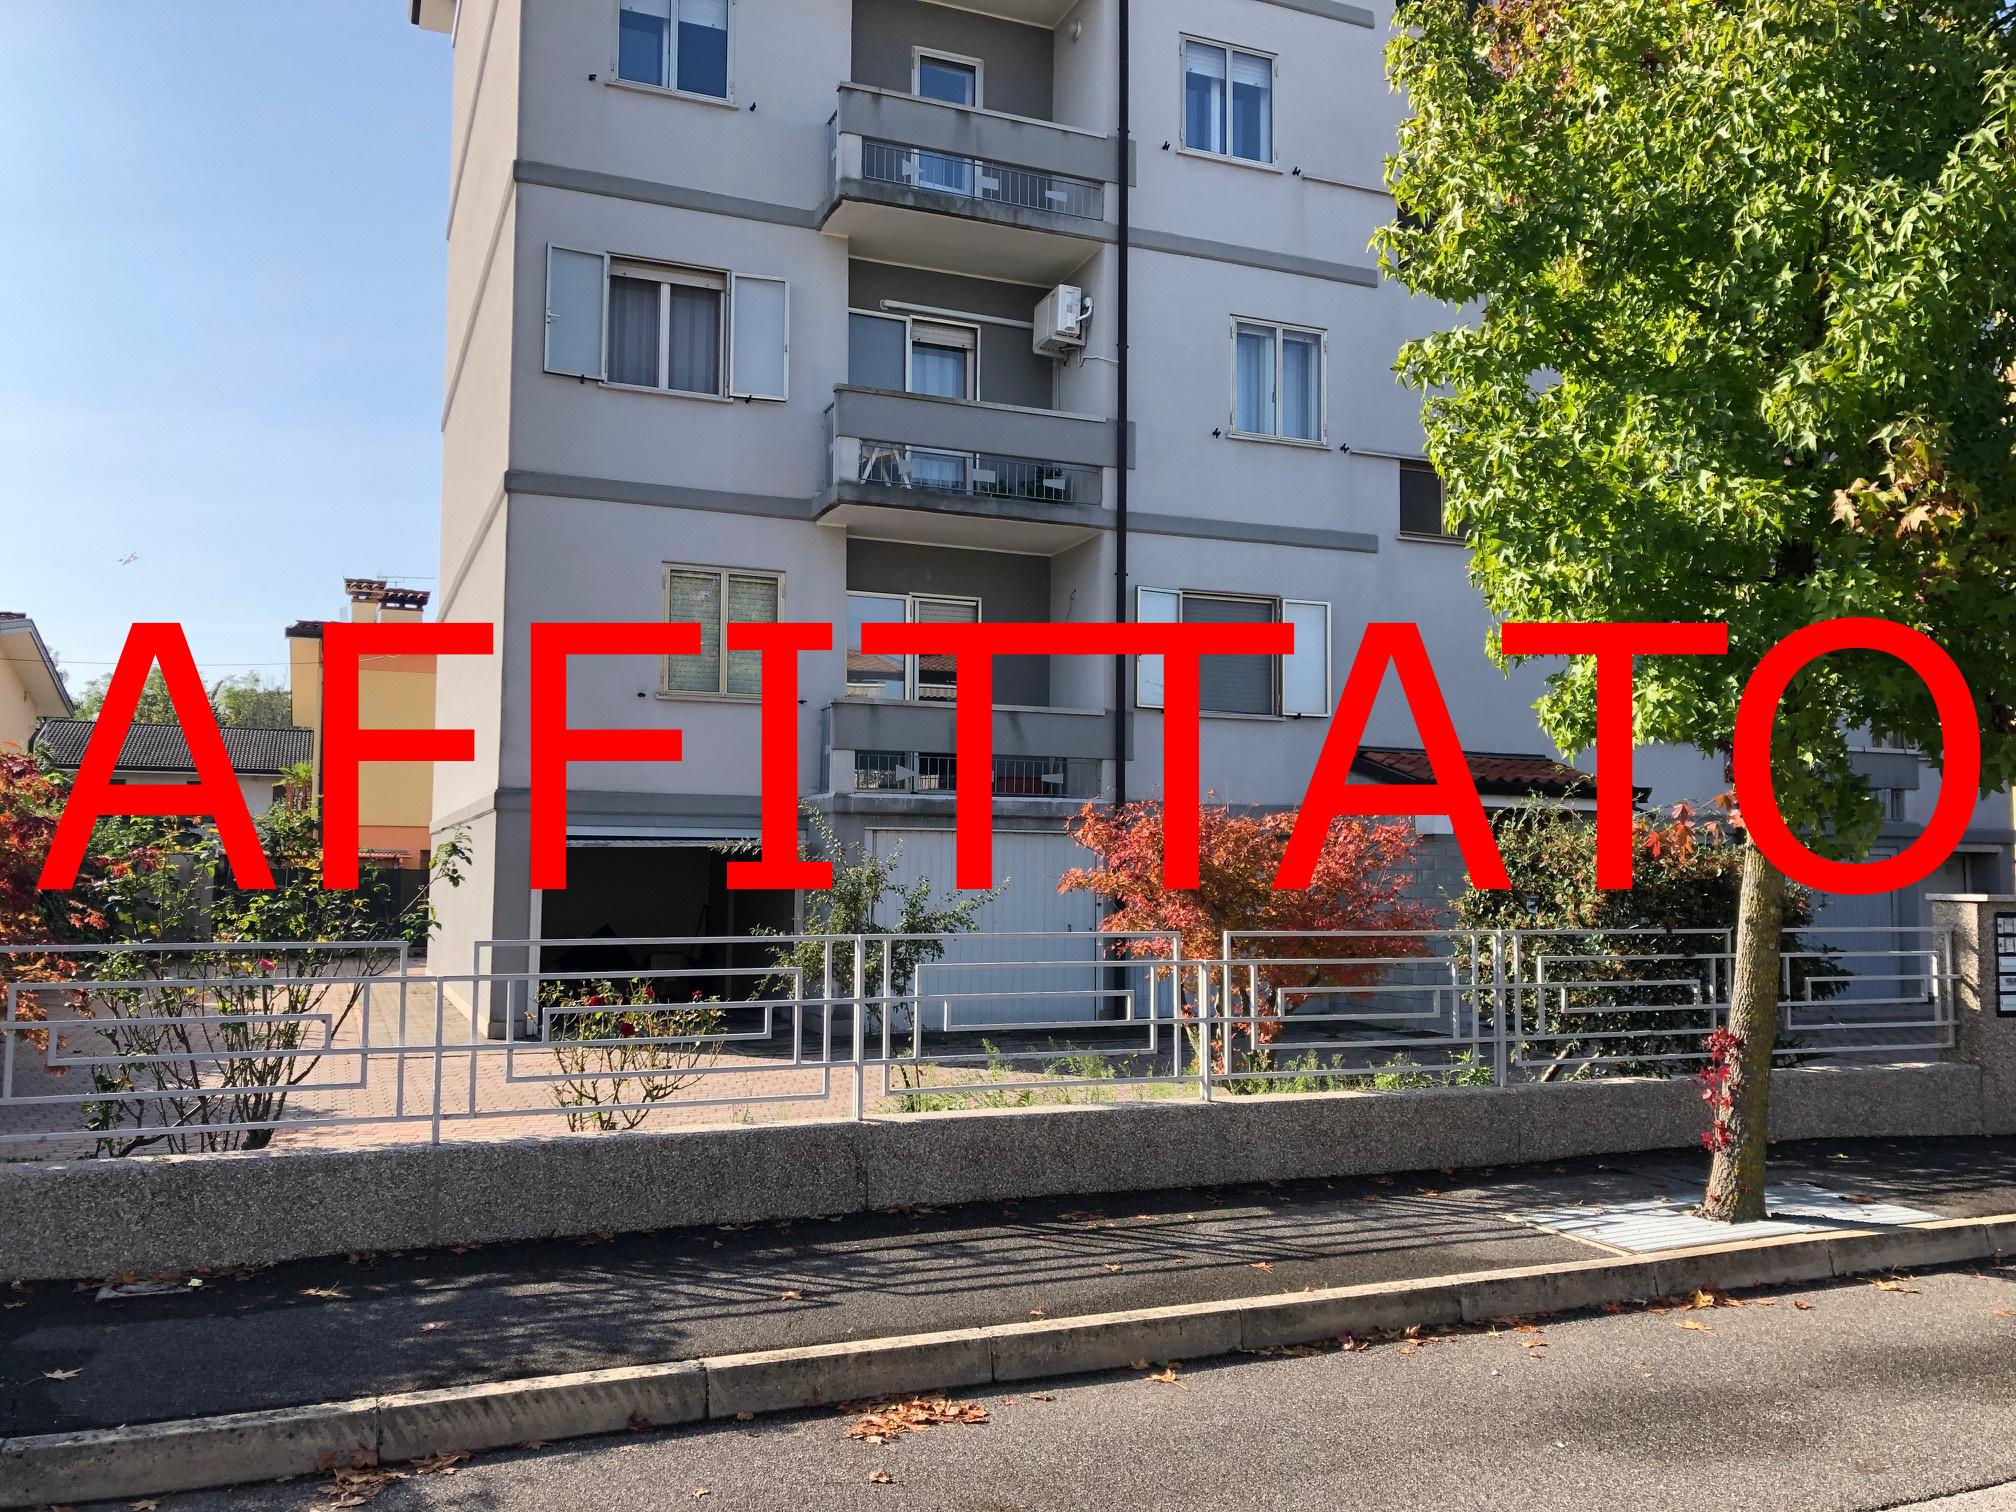 -AFFITTATO- Appartamento bicamere in affitto a Ronchi dei Legionari